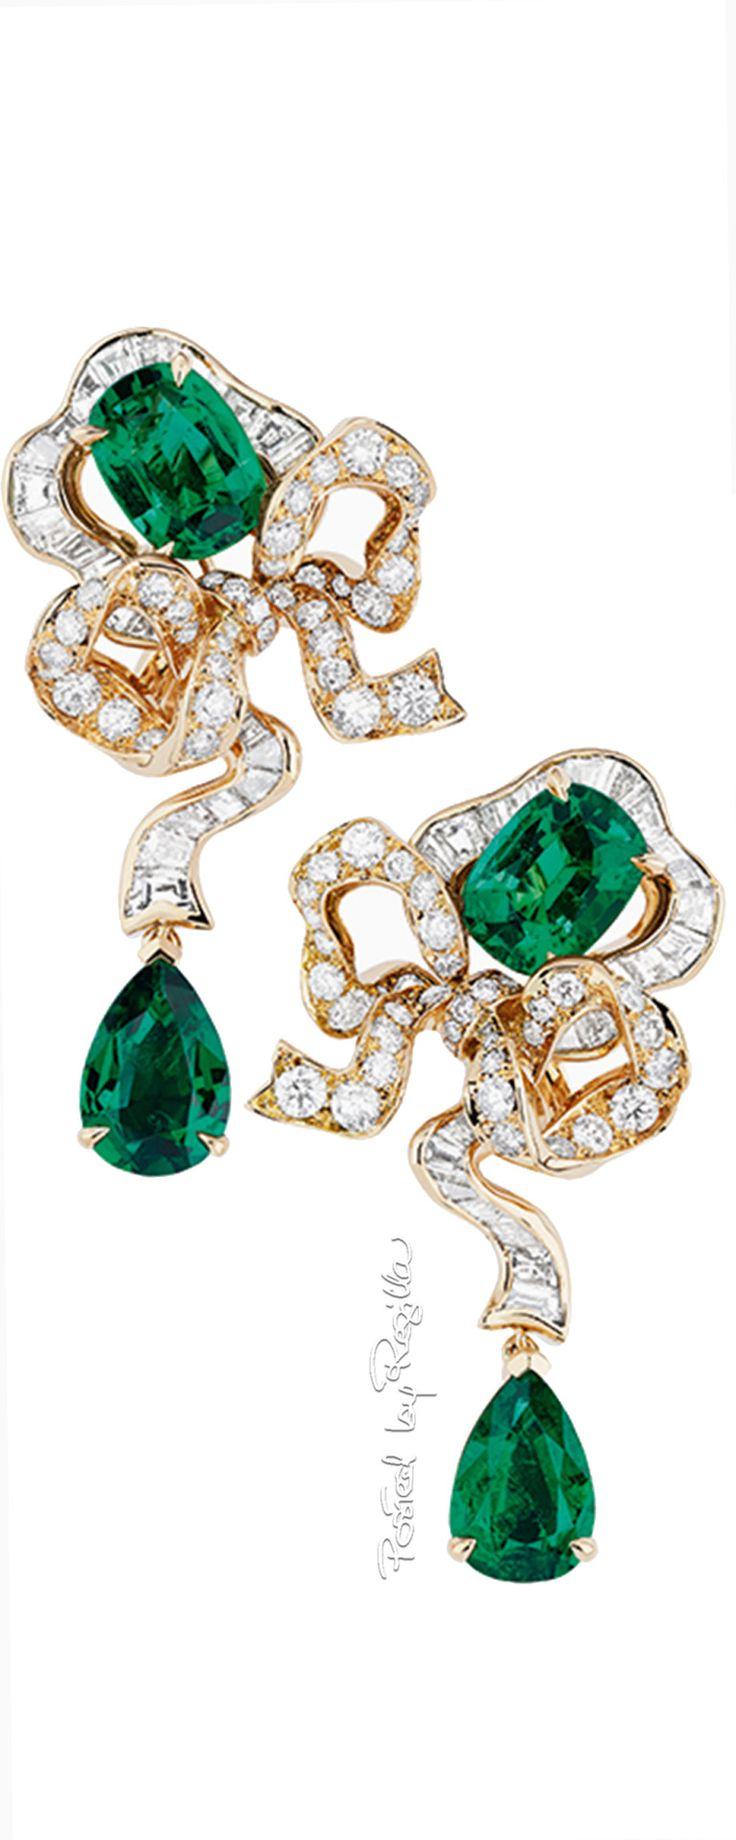 bows.quenalbertini: Dior Jewelry | Regilla